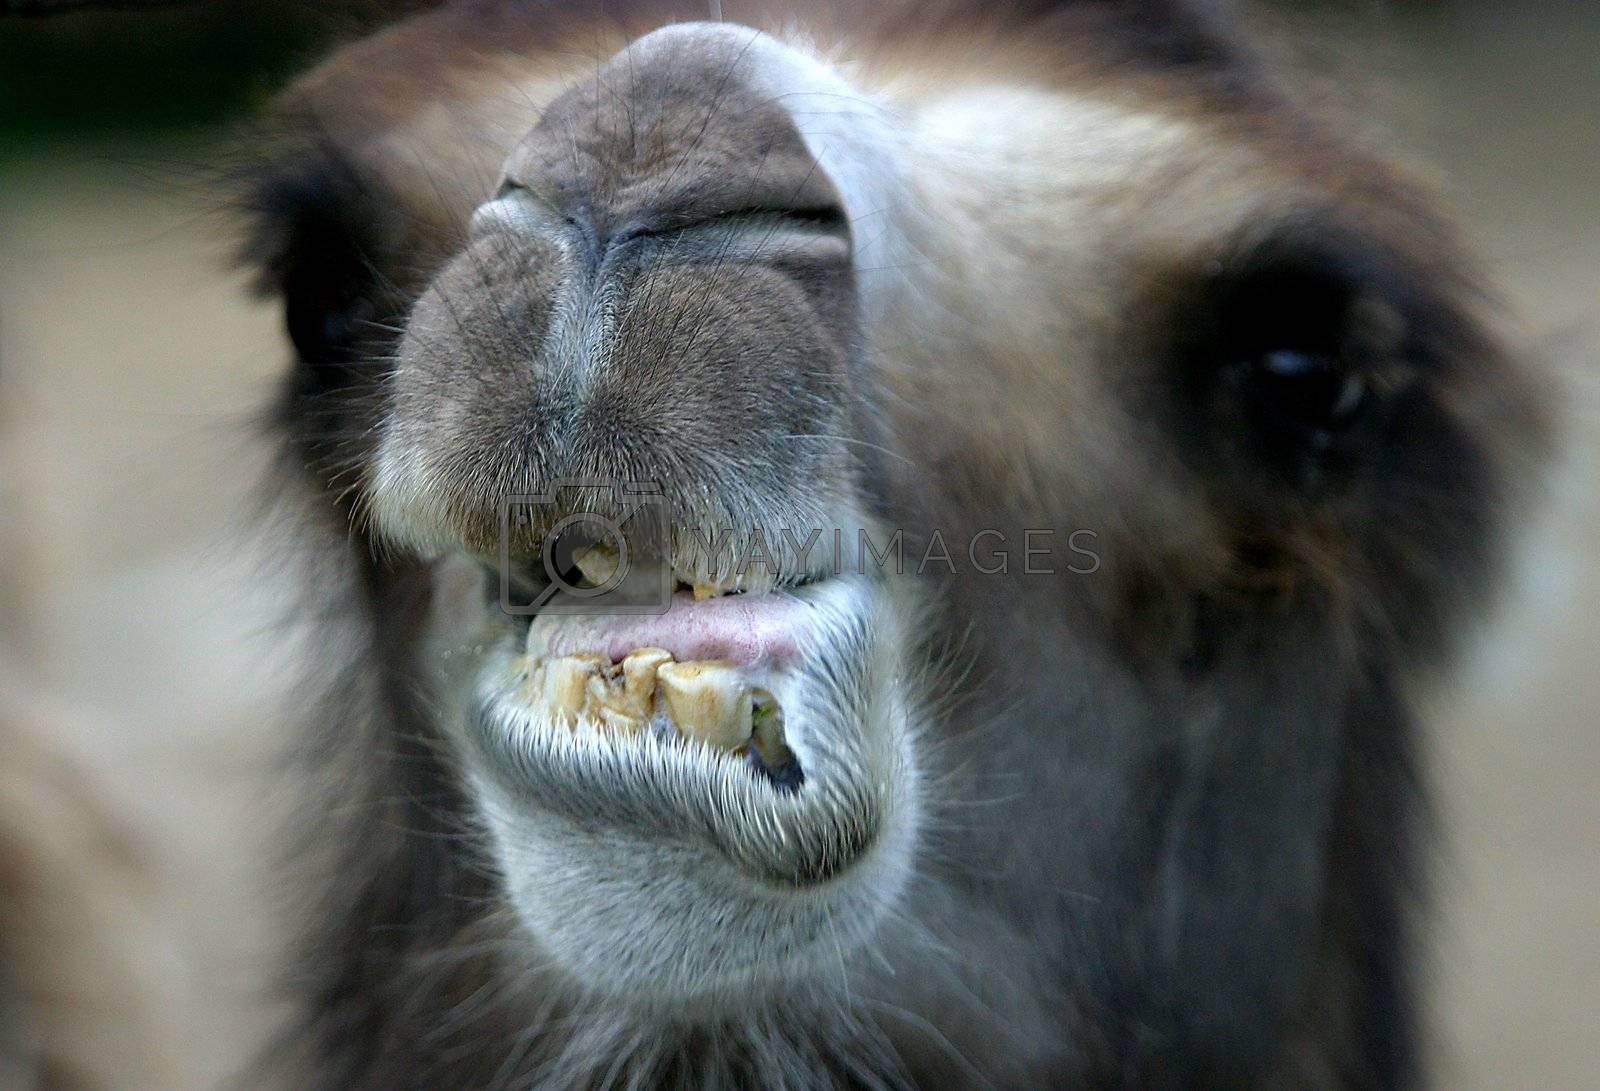 Head of a camel close-up